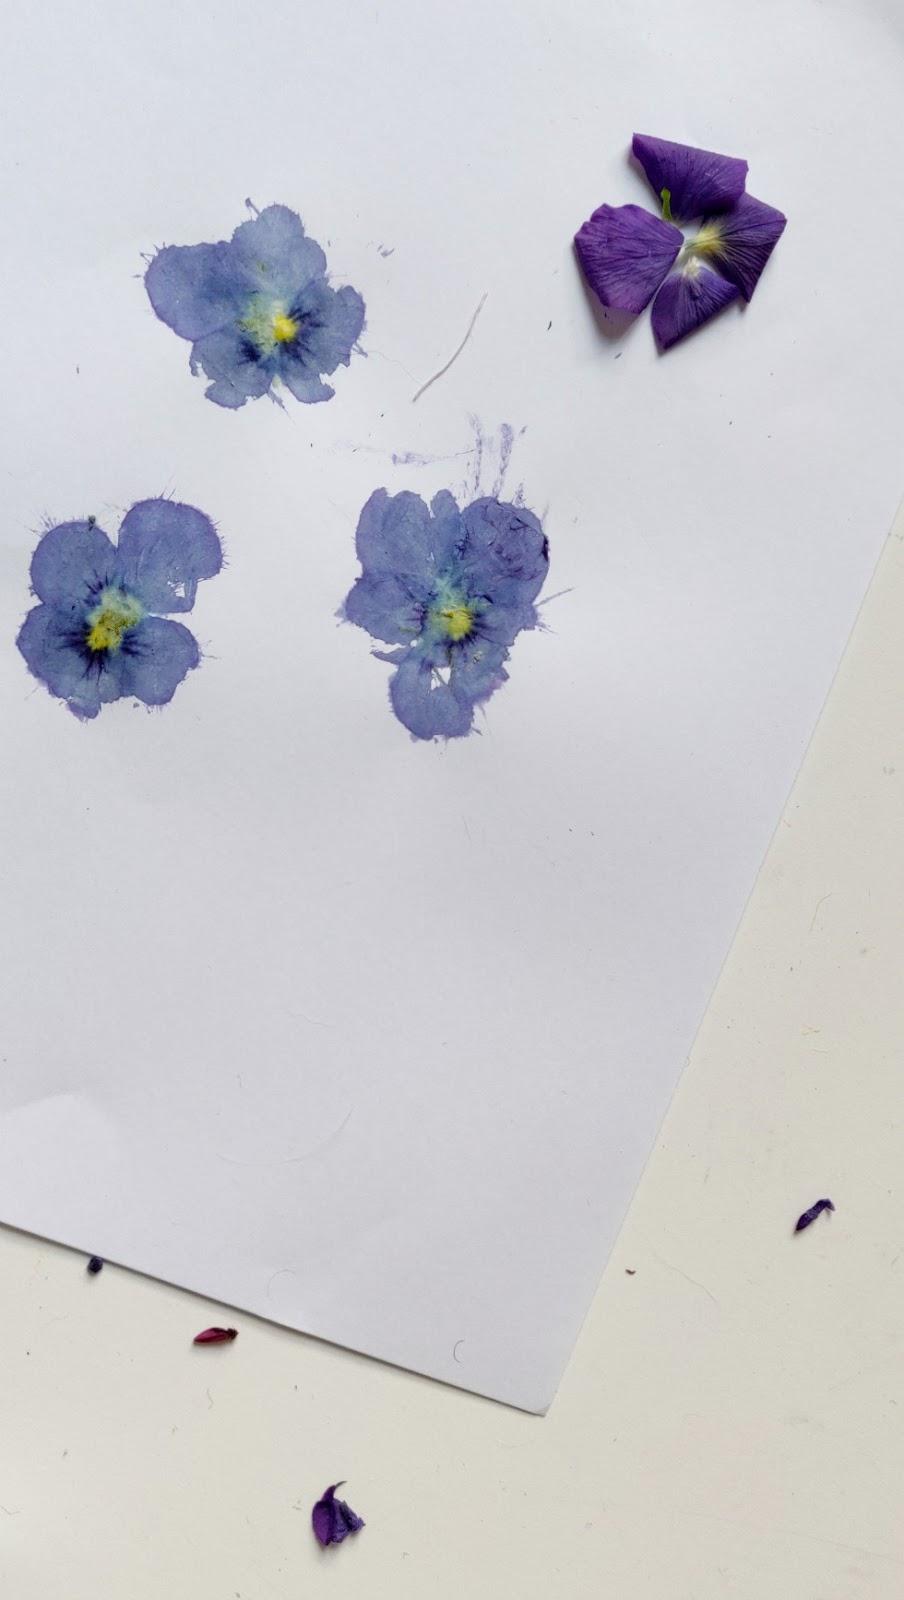 kukkapainantaa vasaralla